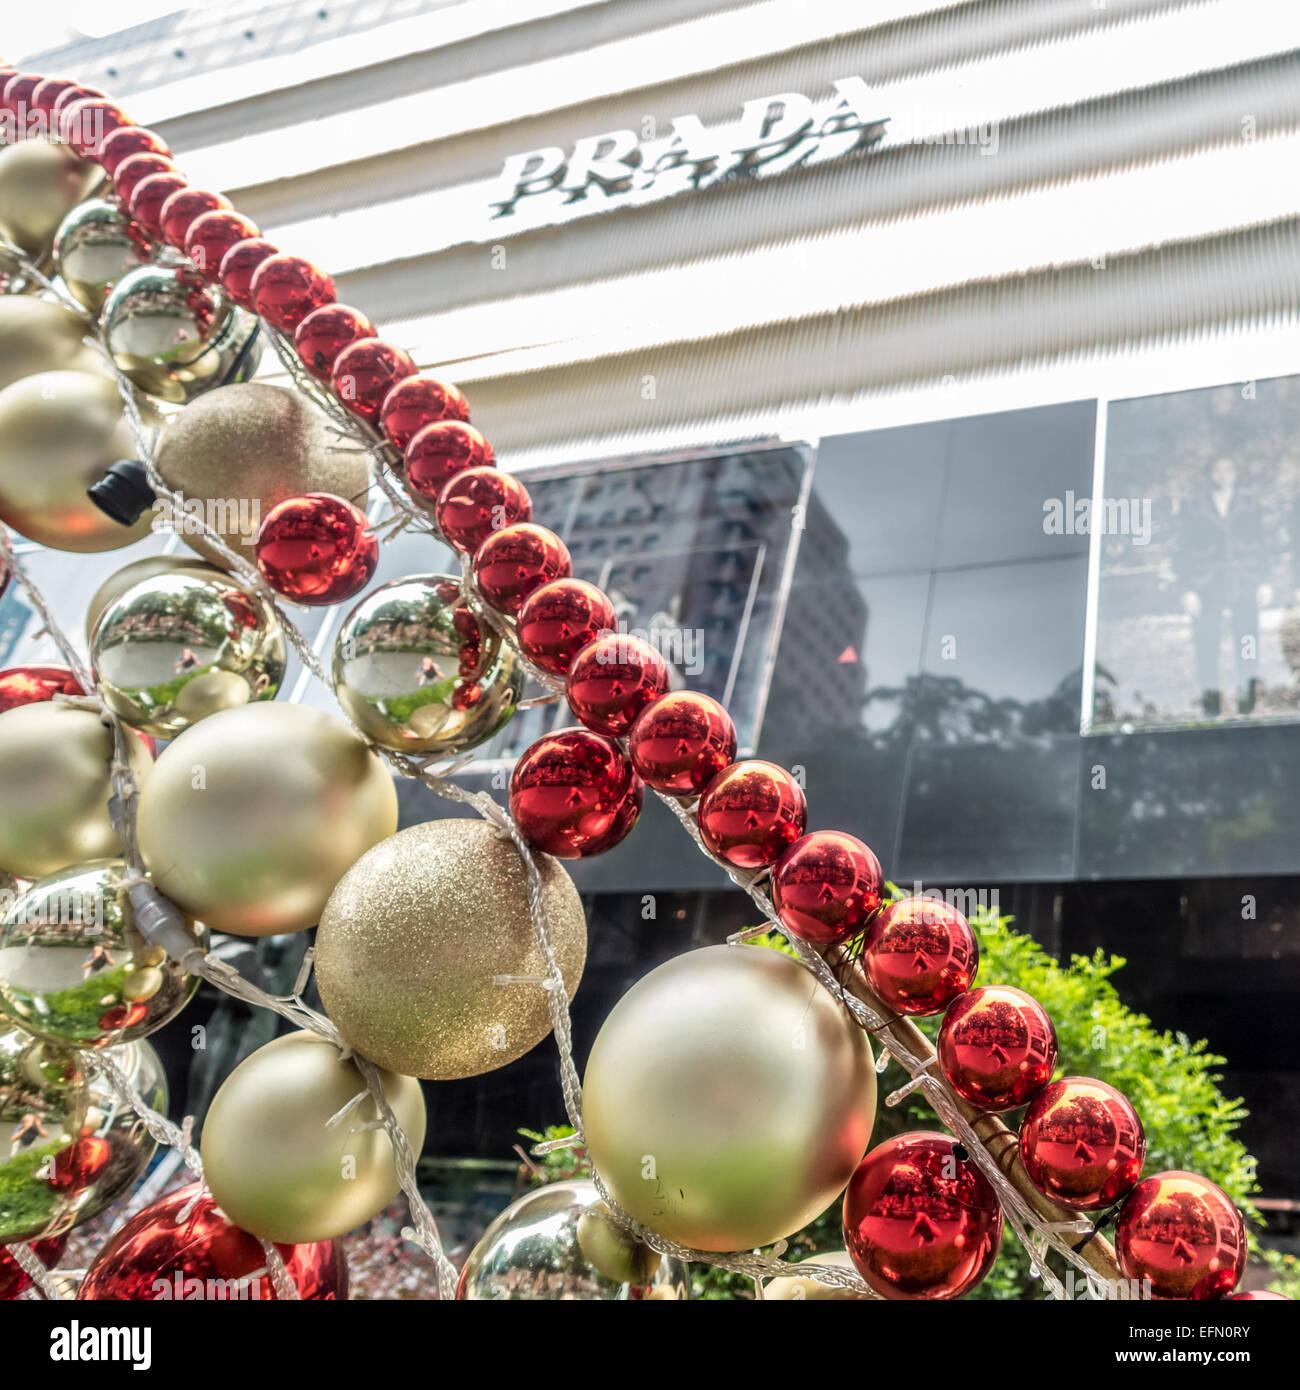 Prada Store Singapore Stock Photos & Prada Store Singapore